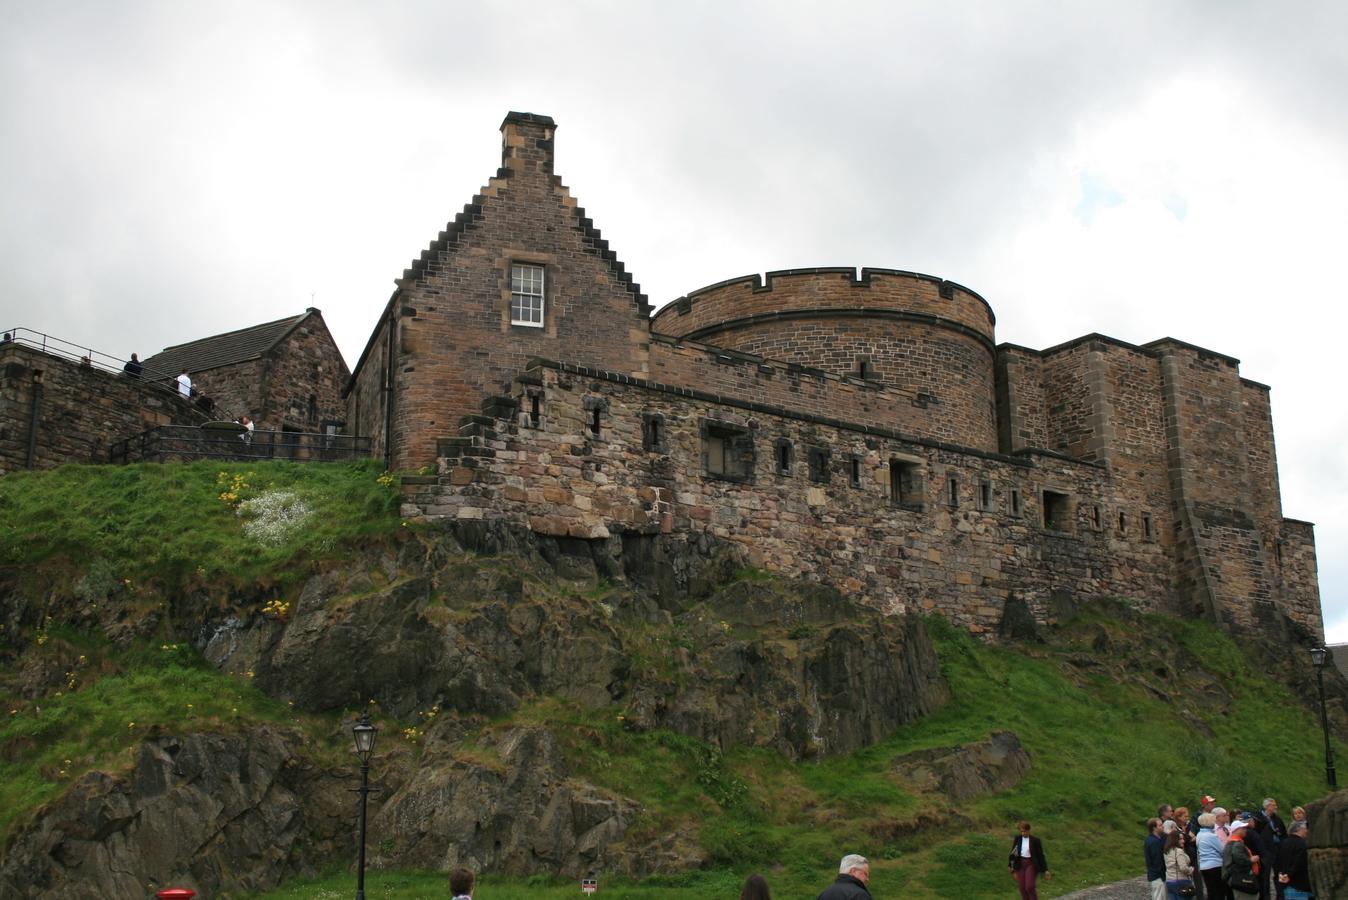 Schottische Geisterburgen, Gruselige Burgen in Schottland, Burgruinen in Schottland, schottische Spukschlösser, Spukschlösser in Schottland